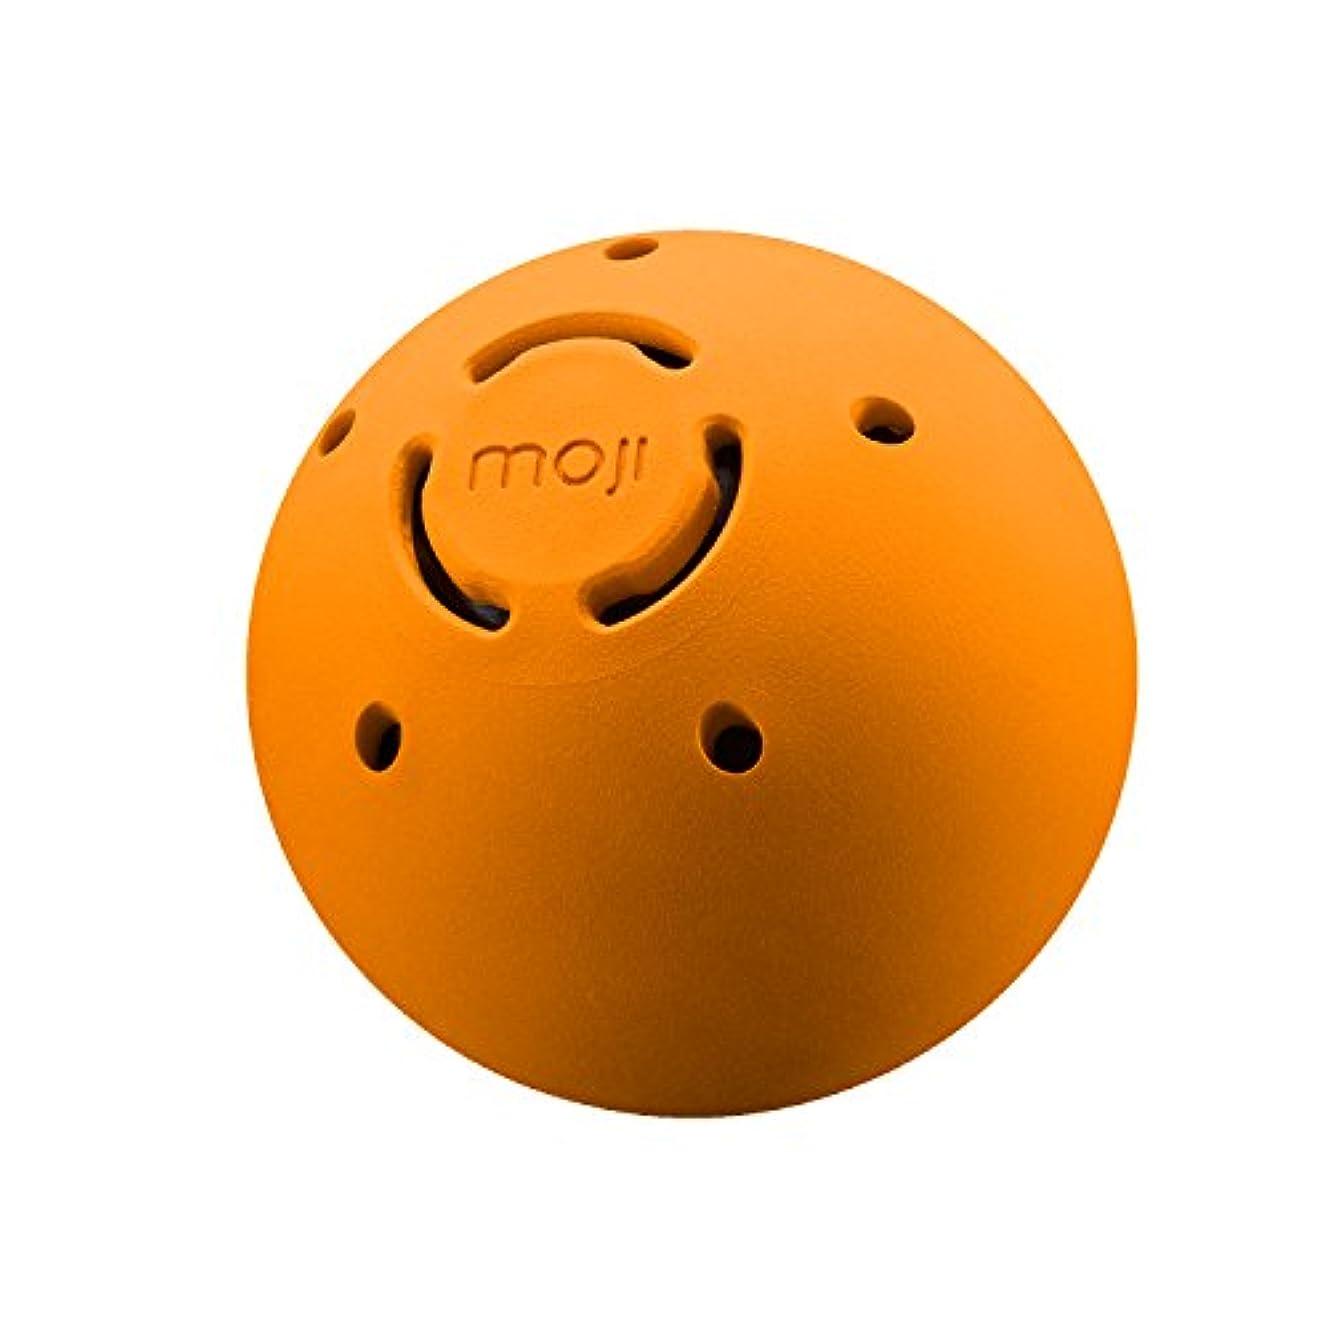 ブラスト申込み暴力温熱 マッサージボール 筋肉の痛み 筋肉をほぐす 血流促進 MojiHeat Massage Ball (Large)